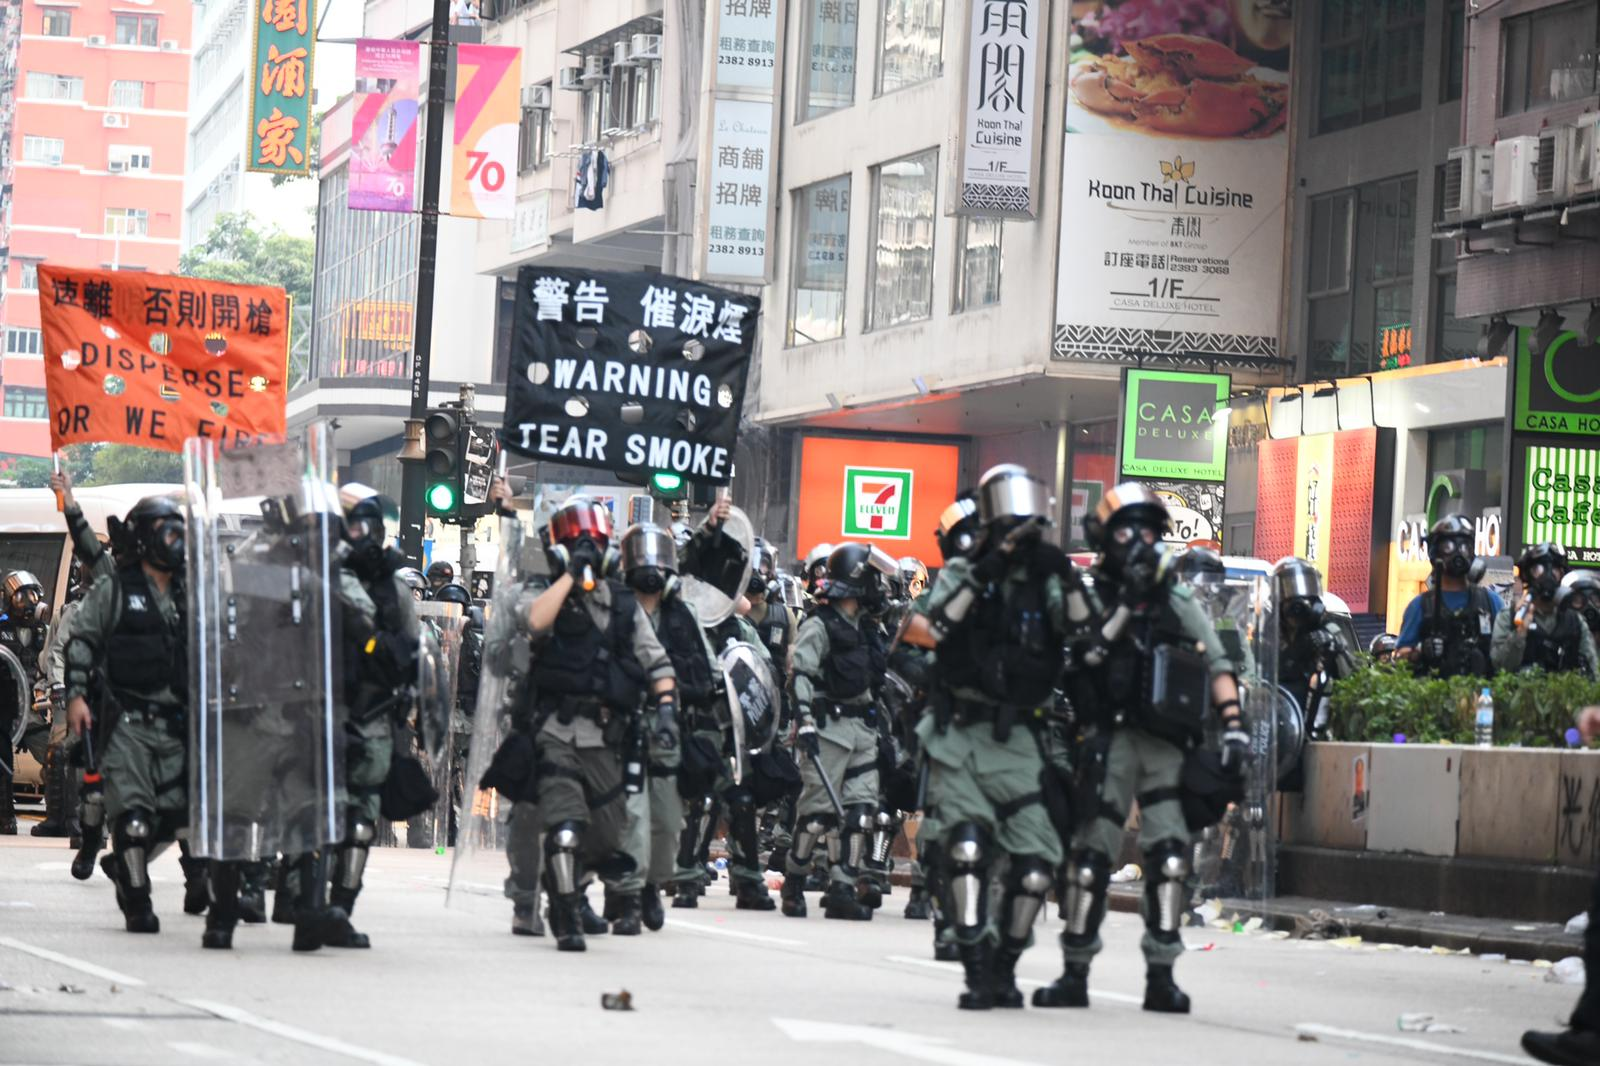 林志偉不滿警隊站在最前線與暴徒周旋,政府沒有任何強而有力的措施和支援配合工作。資料圖片